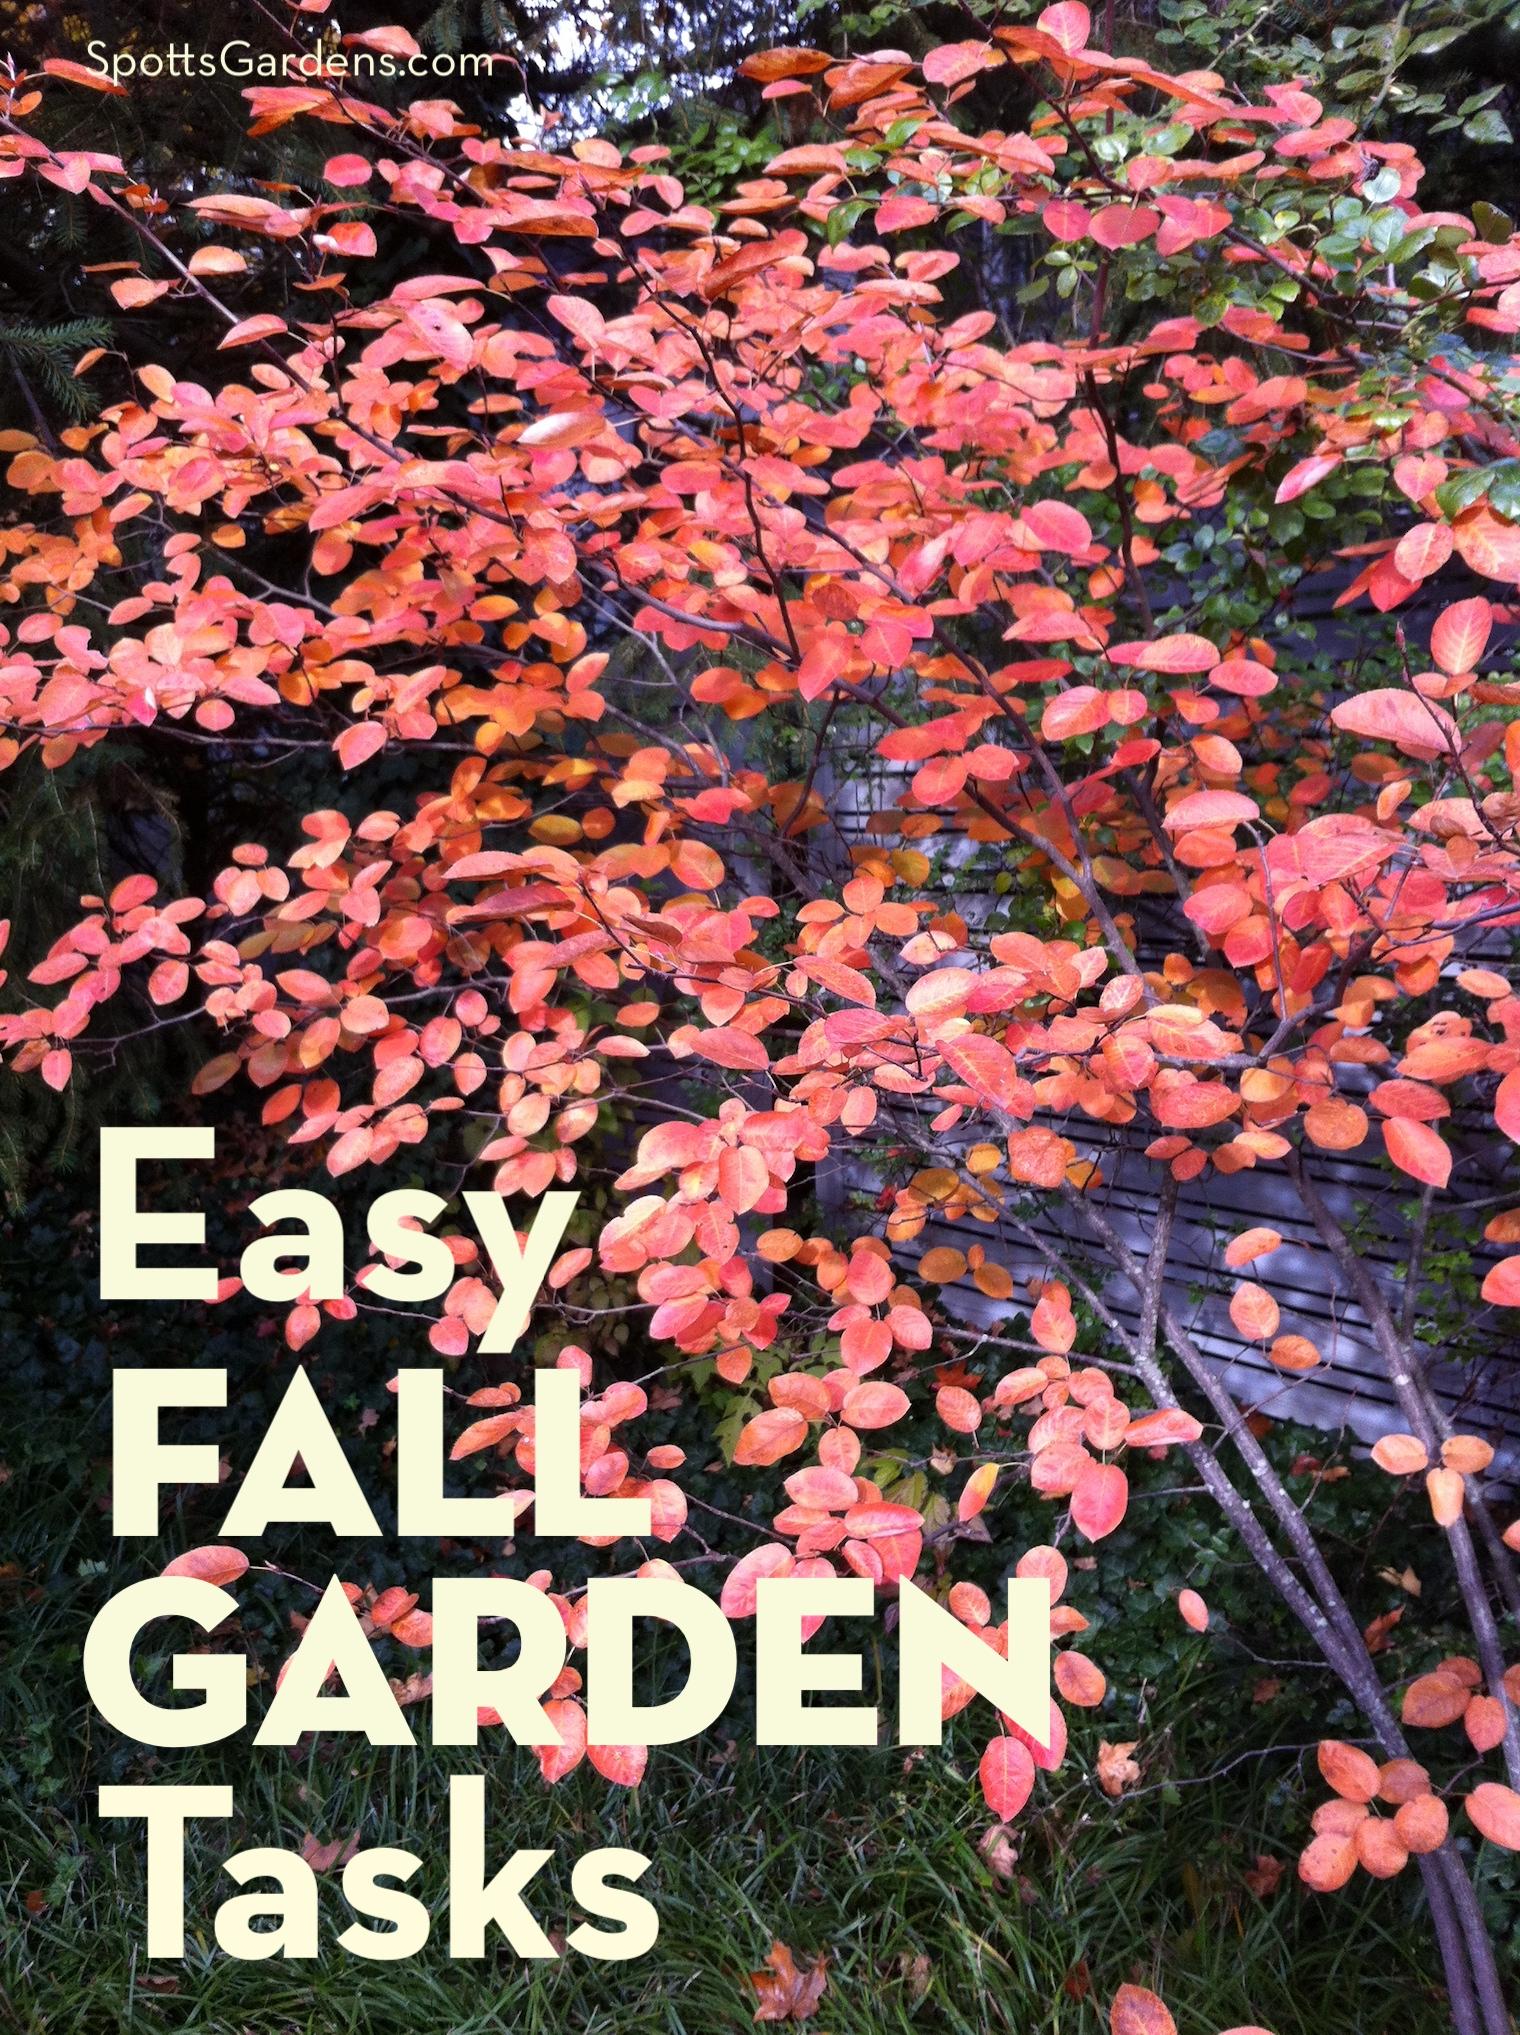 Easy fall garden tasks